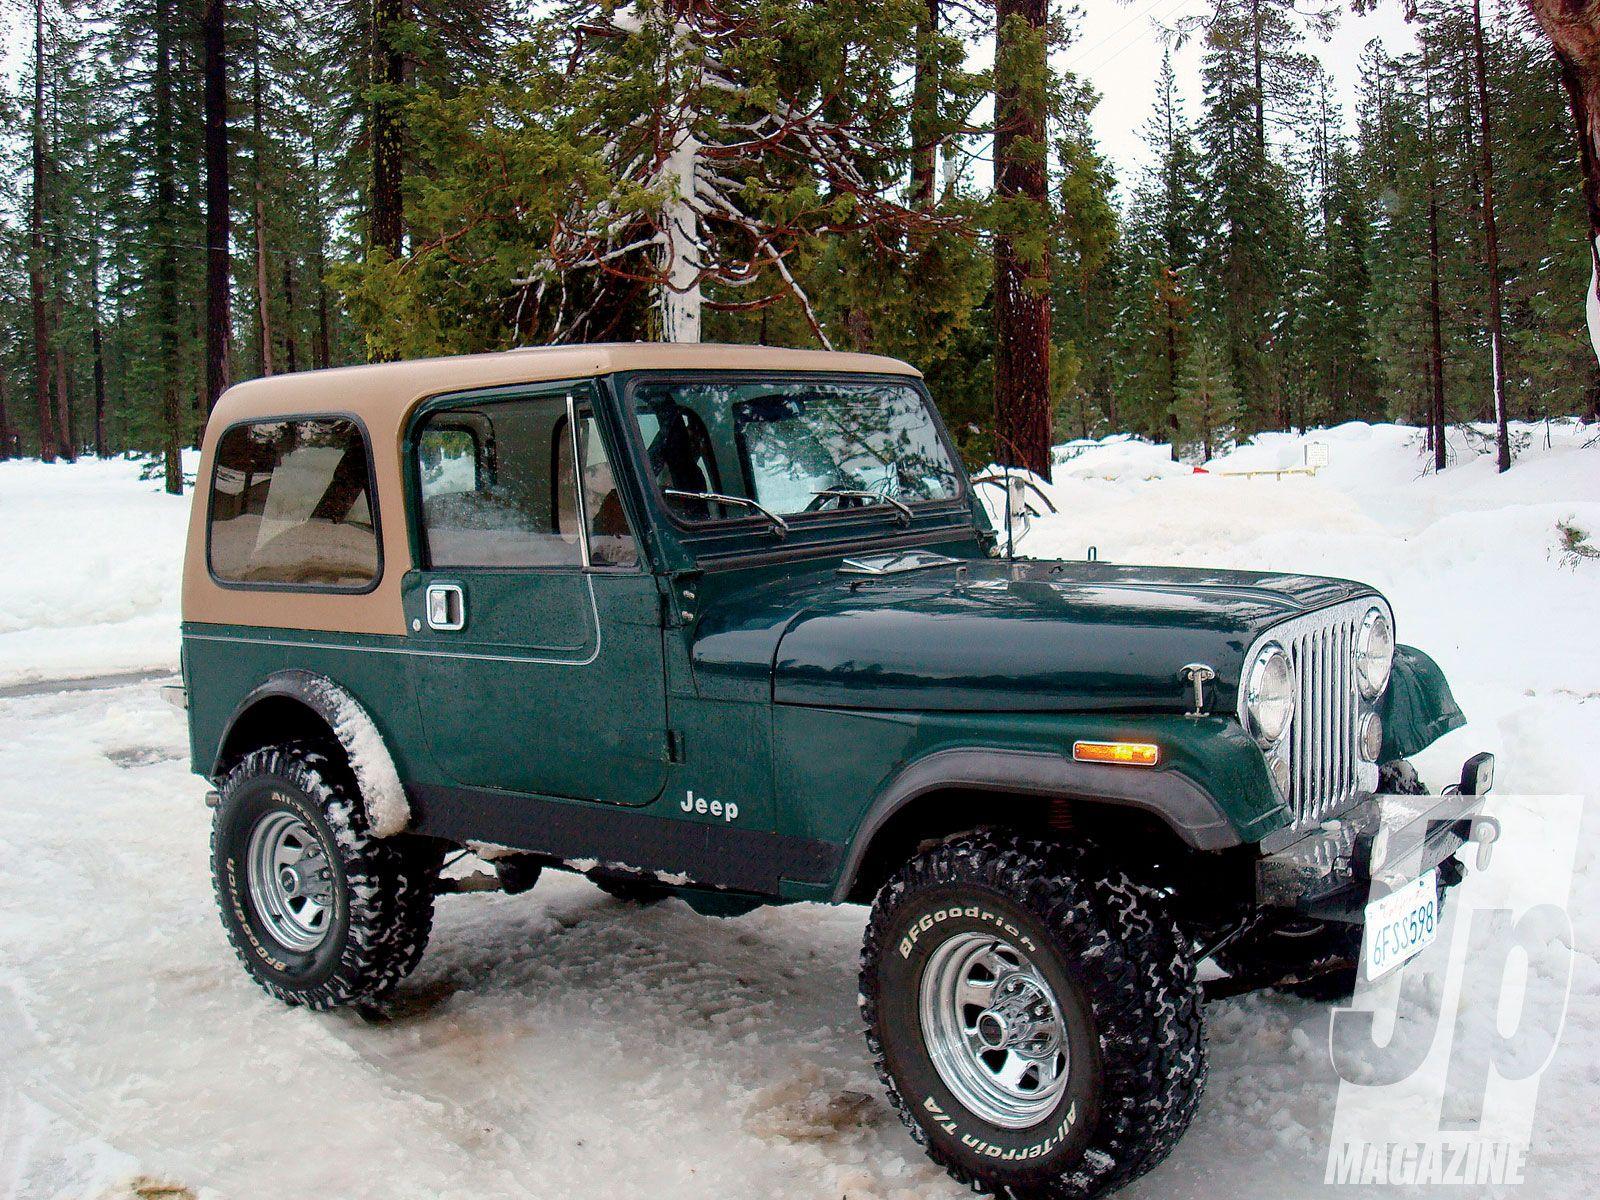 86 jeep cj hunter green tan hardtop [ 1600 x 1200 Pixel ]